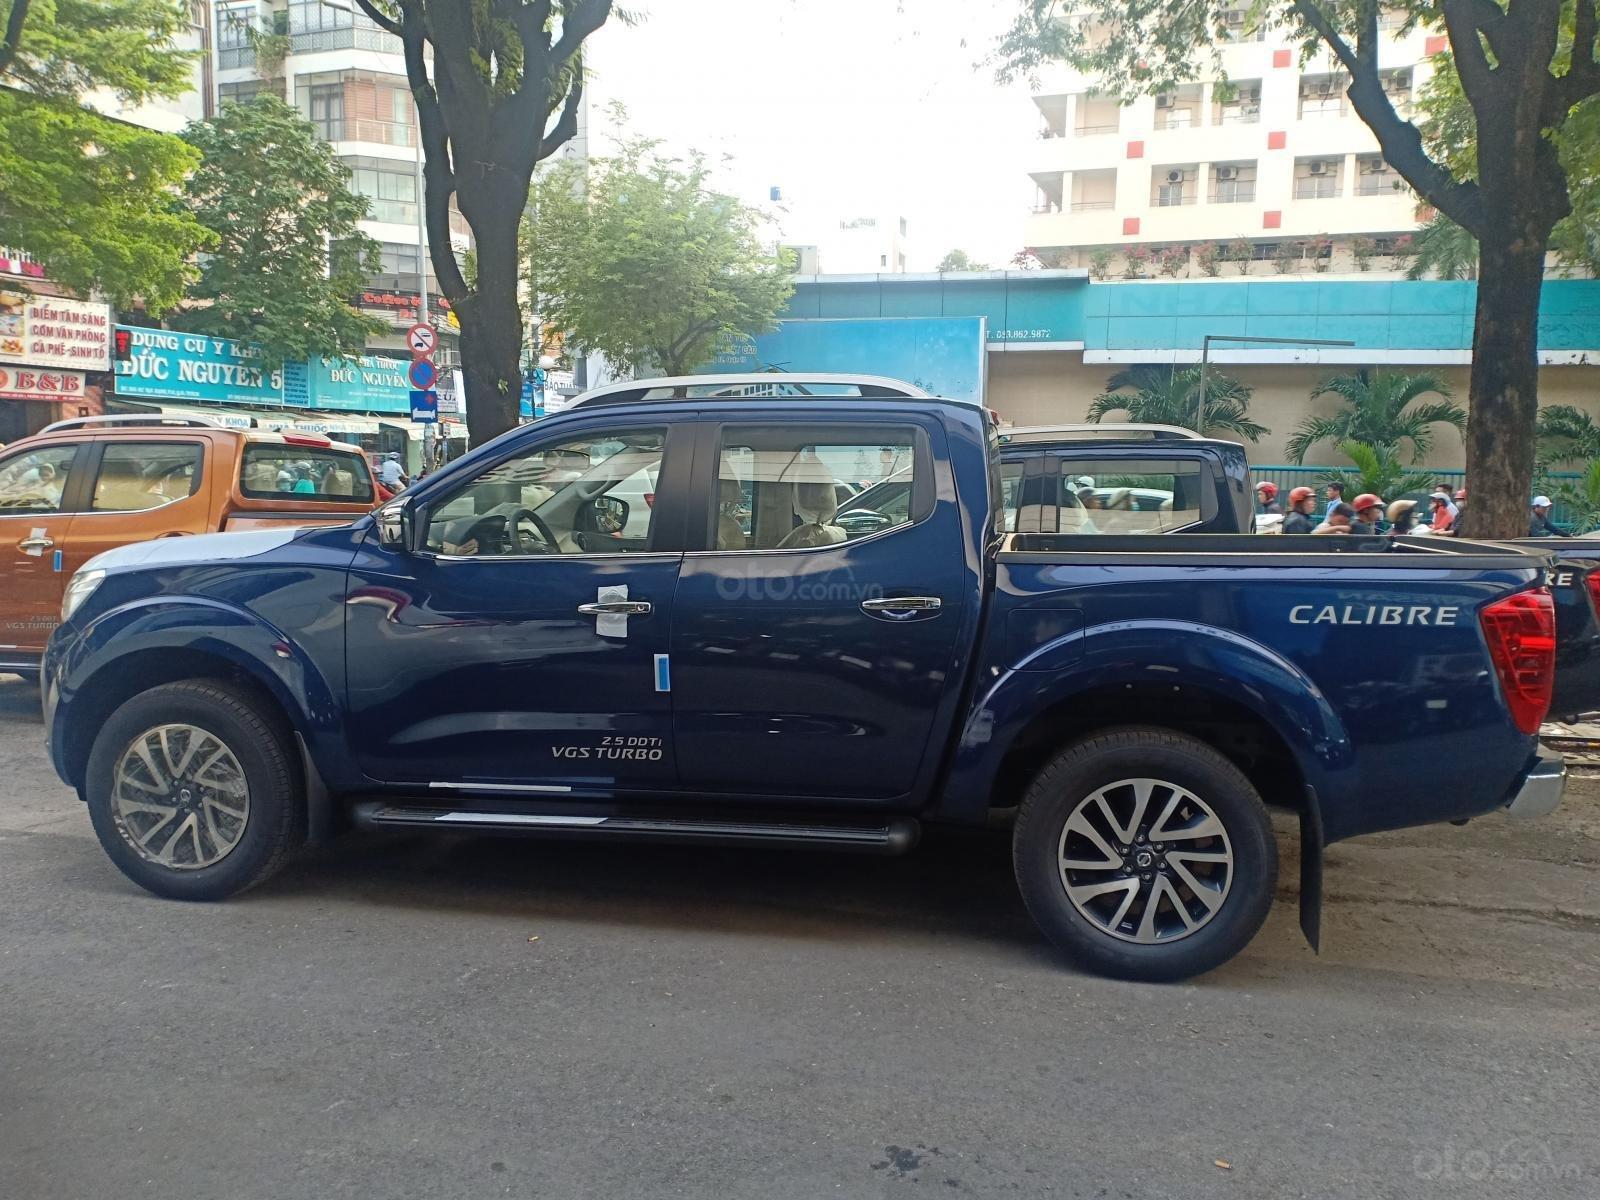 Bán xe Nissan Navara EL 2020, màu xanh lam, nhập khẩu nguyên chiếc, giá 669tr. LH 0977850771 (2)